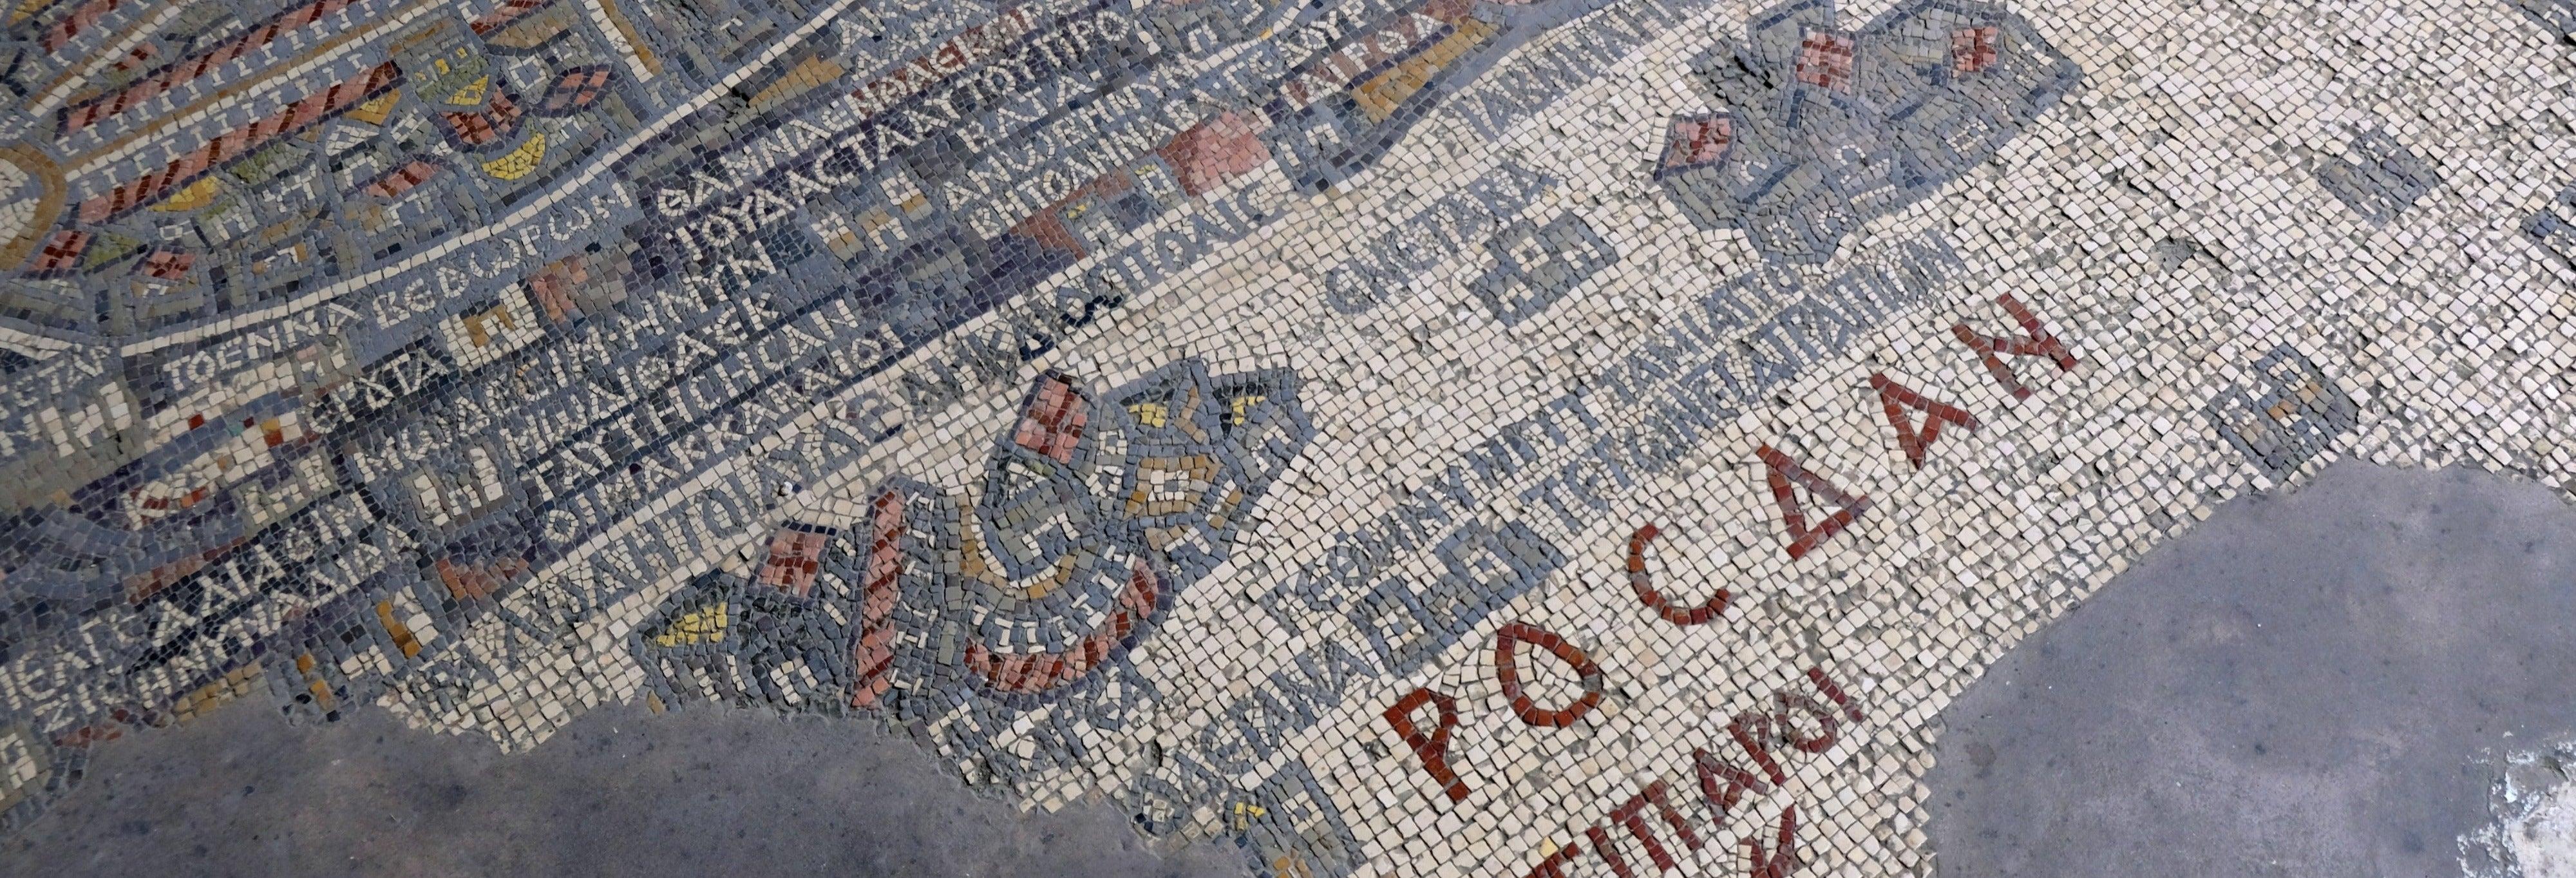 Jordan 4 Day Tour: Petra, Wadi Rum & Dead Sea